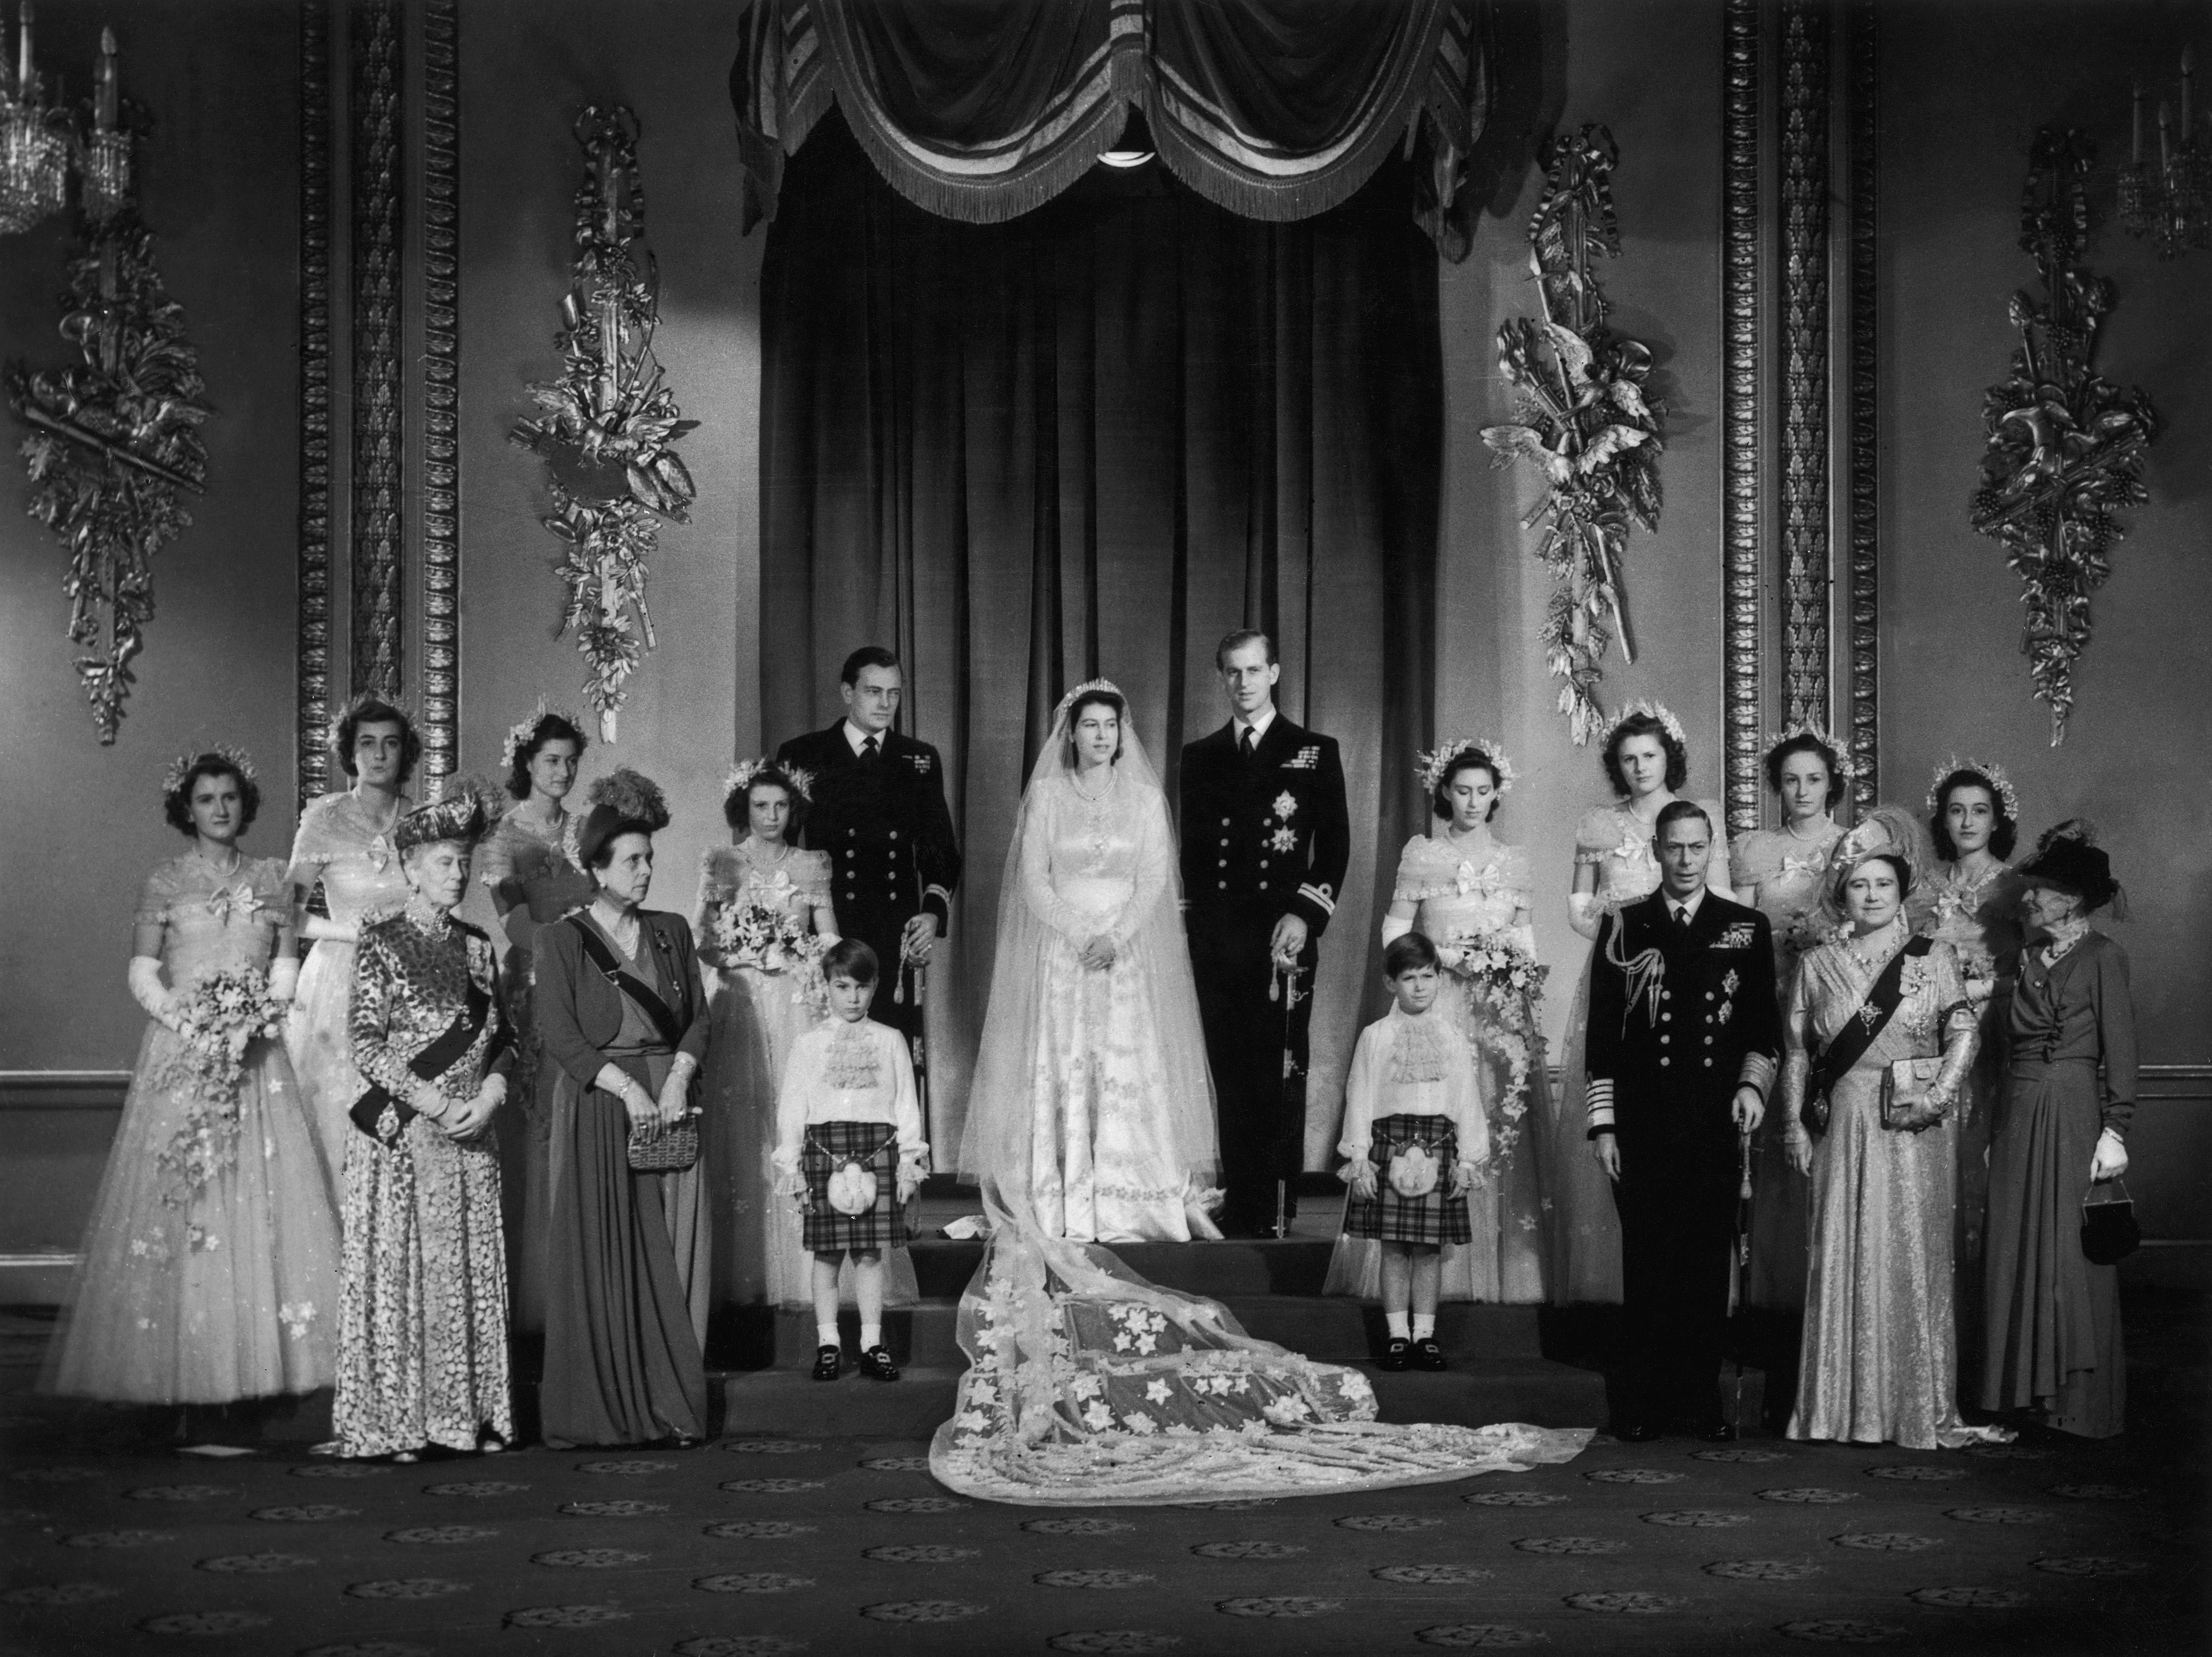 ロイヤルウェディングプリンセスエリザベス1947年